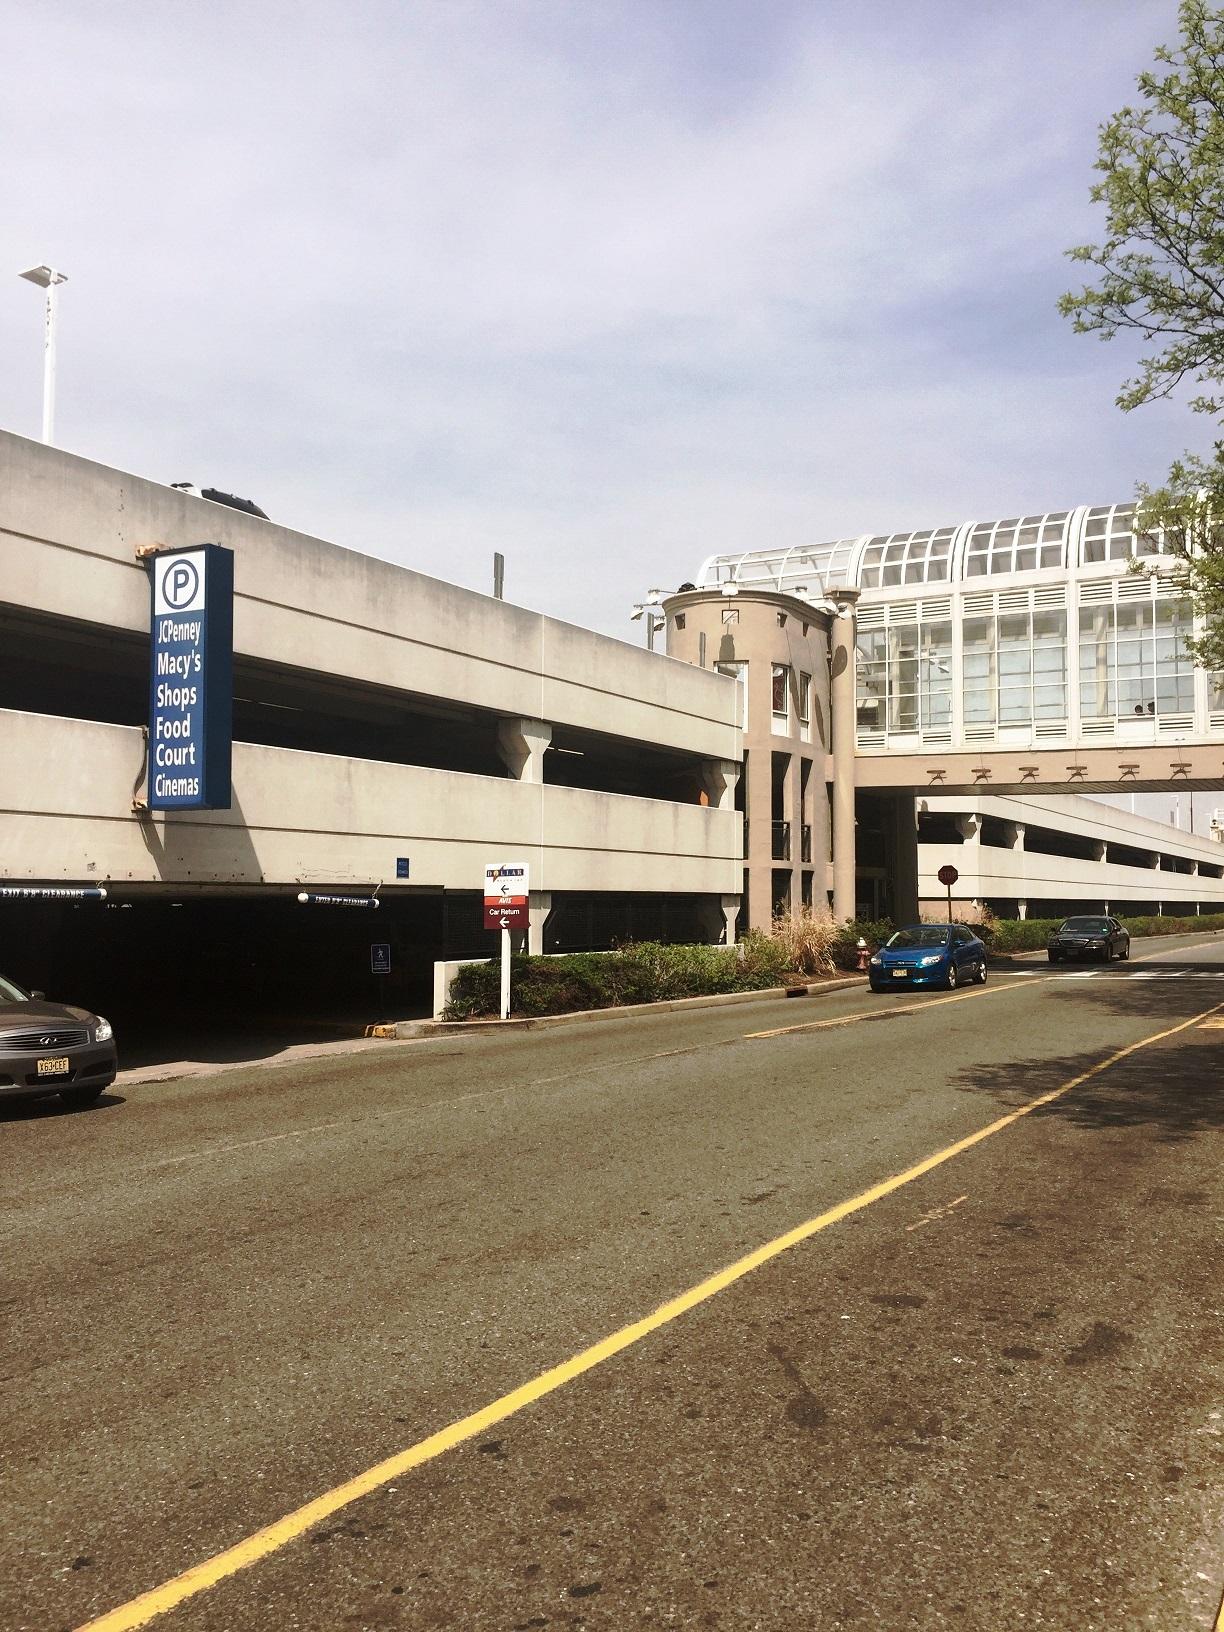 Newport West Garage image 0